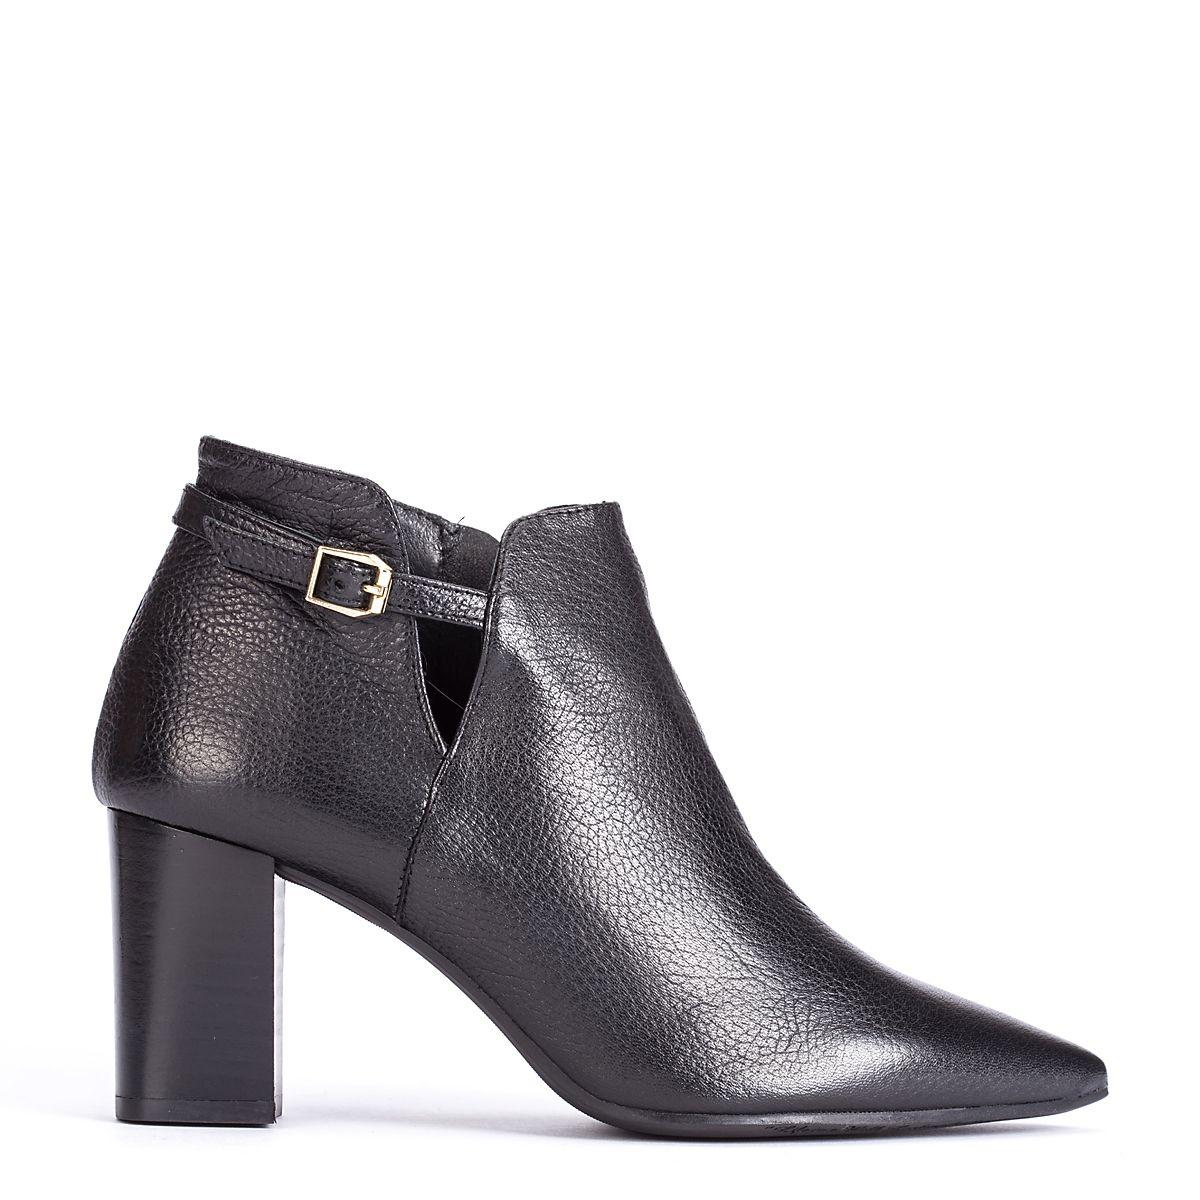 #zapatos #botín #tacón de la nueva colección #AW de #pedromiralles en color #negro #shoponline